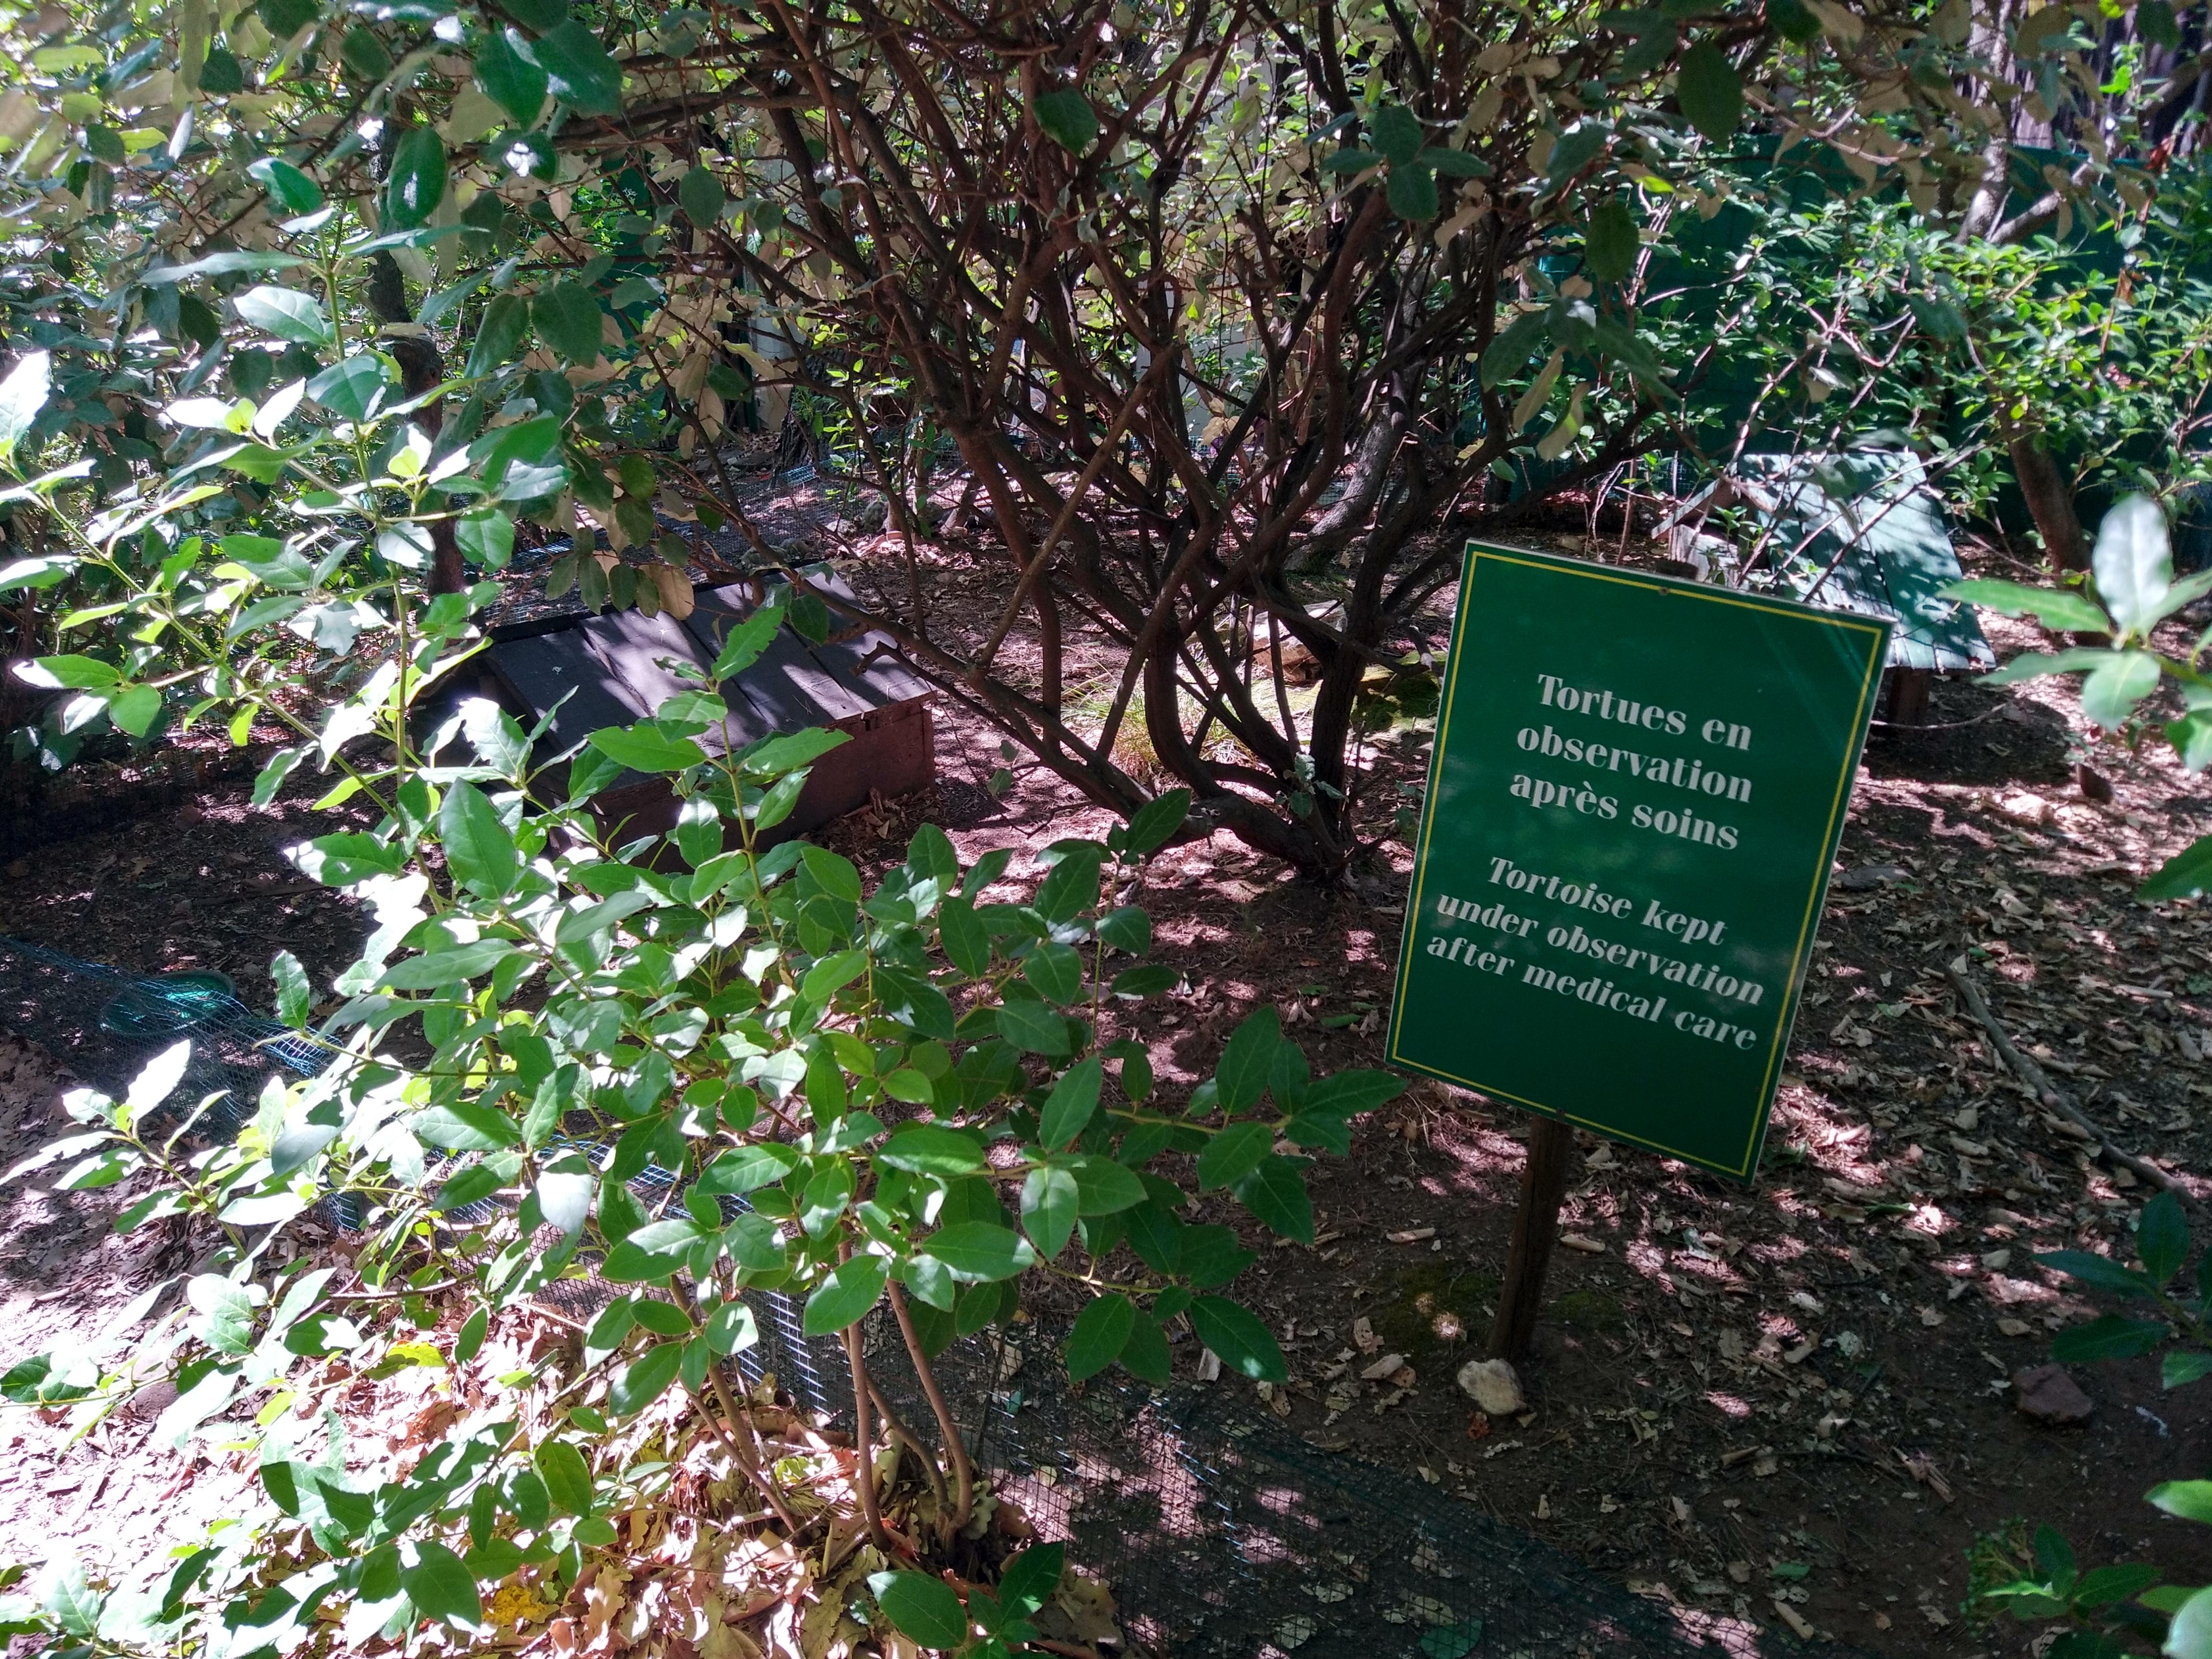 Parc de convalescence des tortues soignées